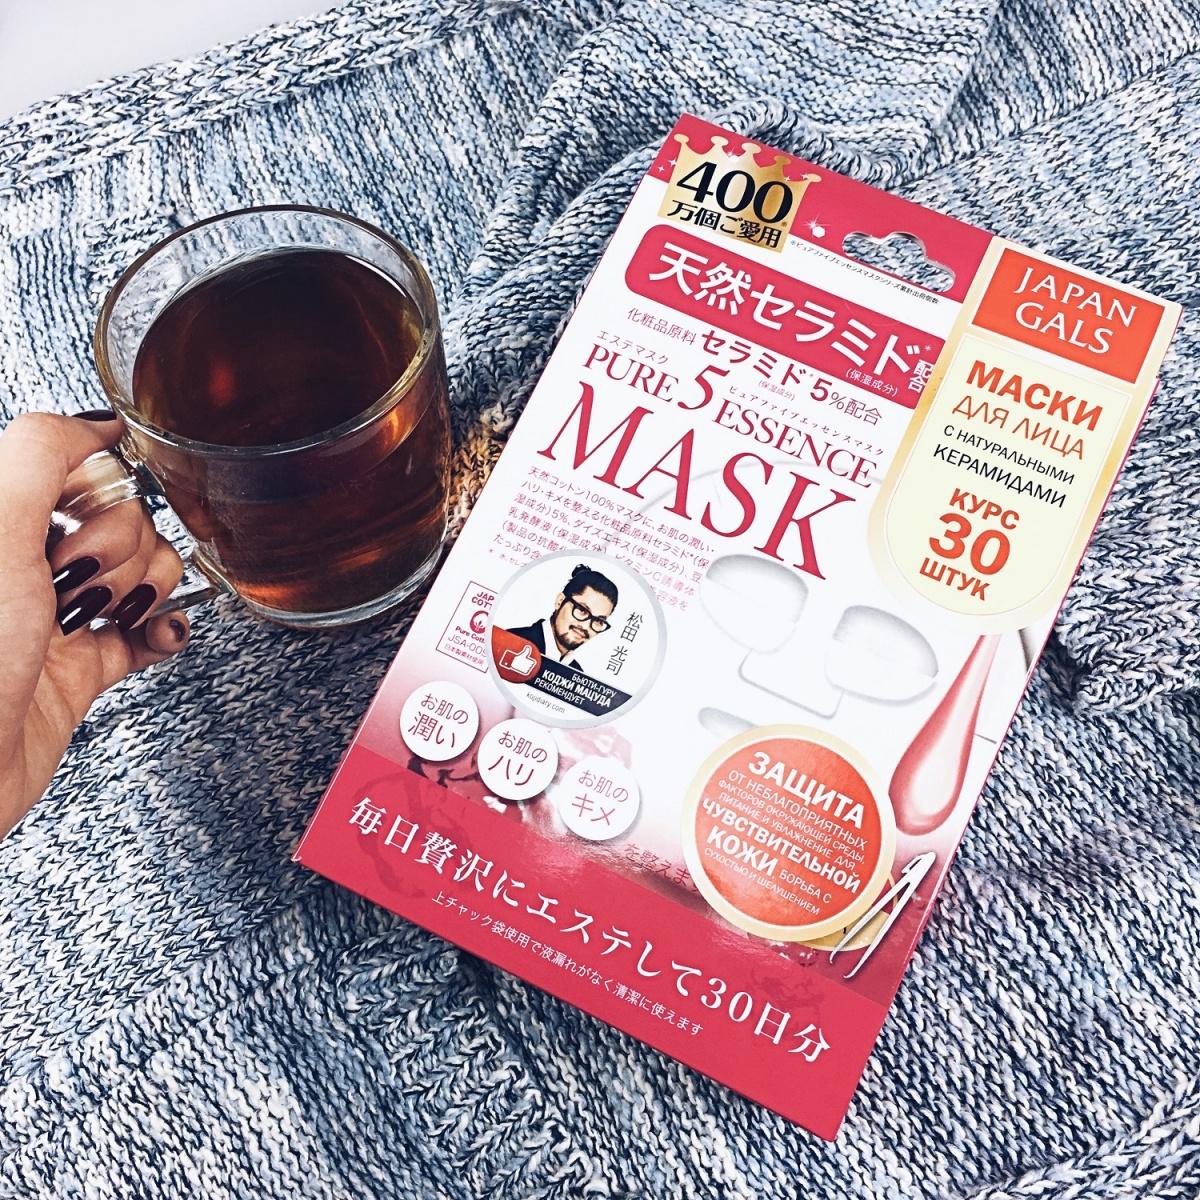 Тканевые маски помогут преобразить кожу и сэкономить деньги на уходе